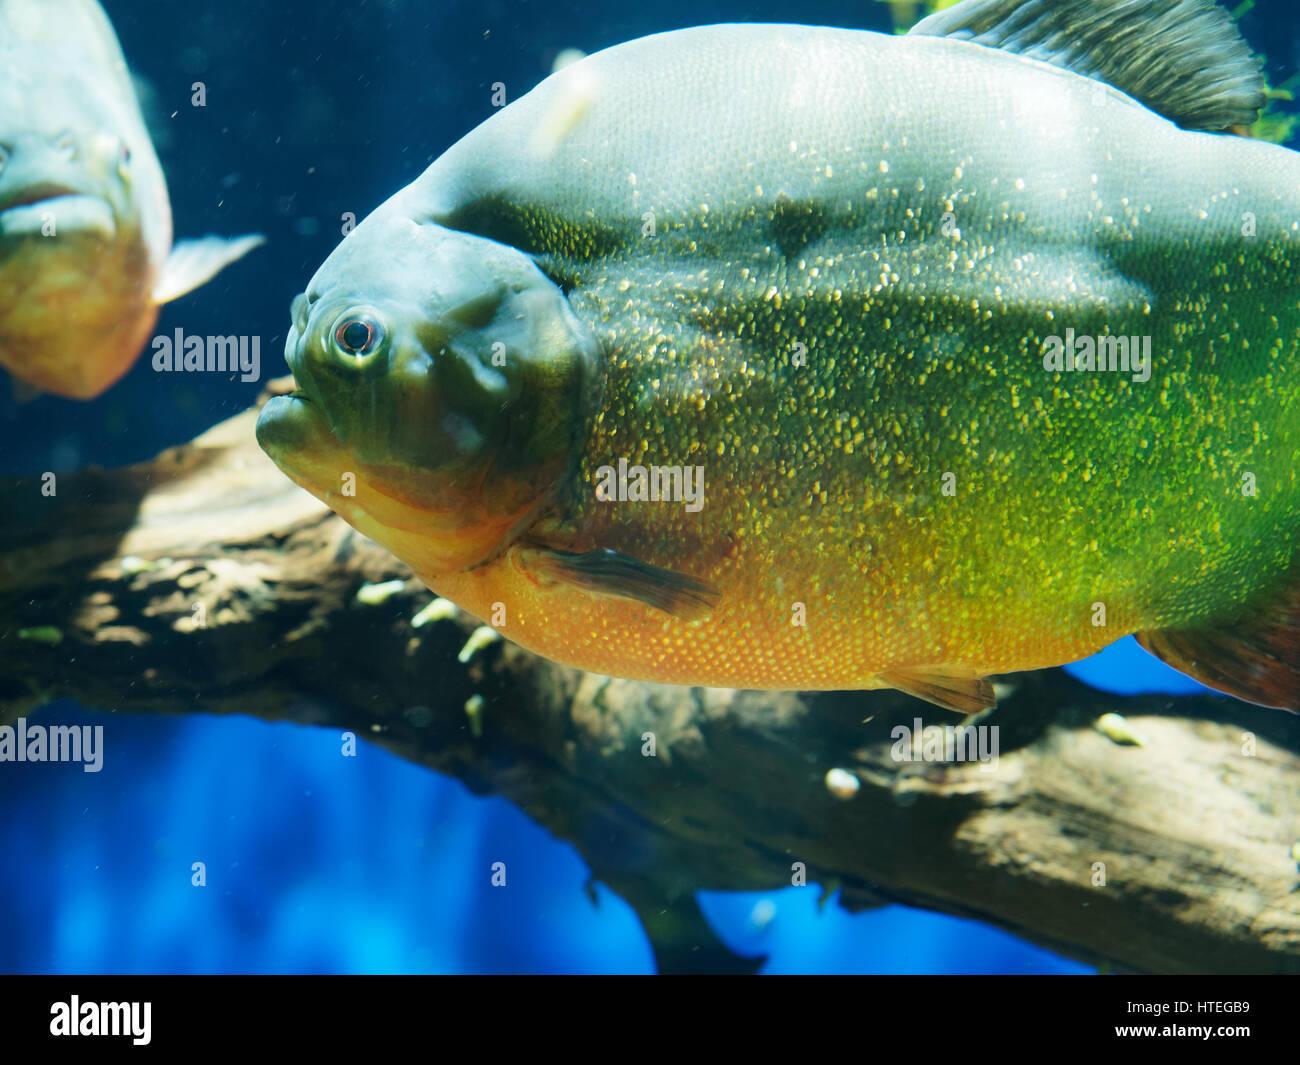 Natterer's Piranha or Red-bellied Piranha (Pygocentrus nattereri, Serrasalmus nattereri, Rooseveltiella nattereri) - Stock Image